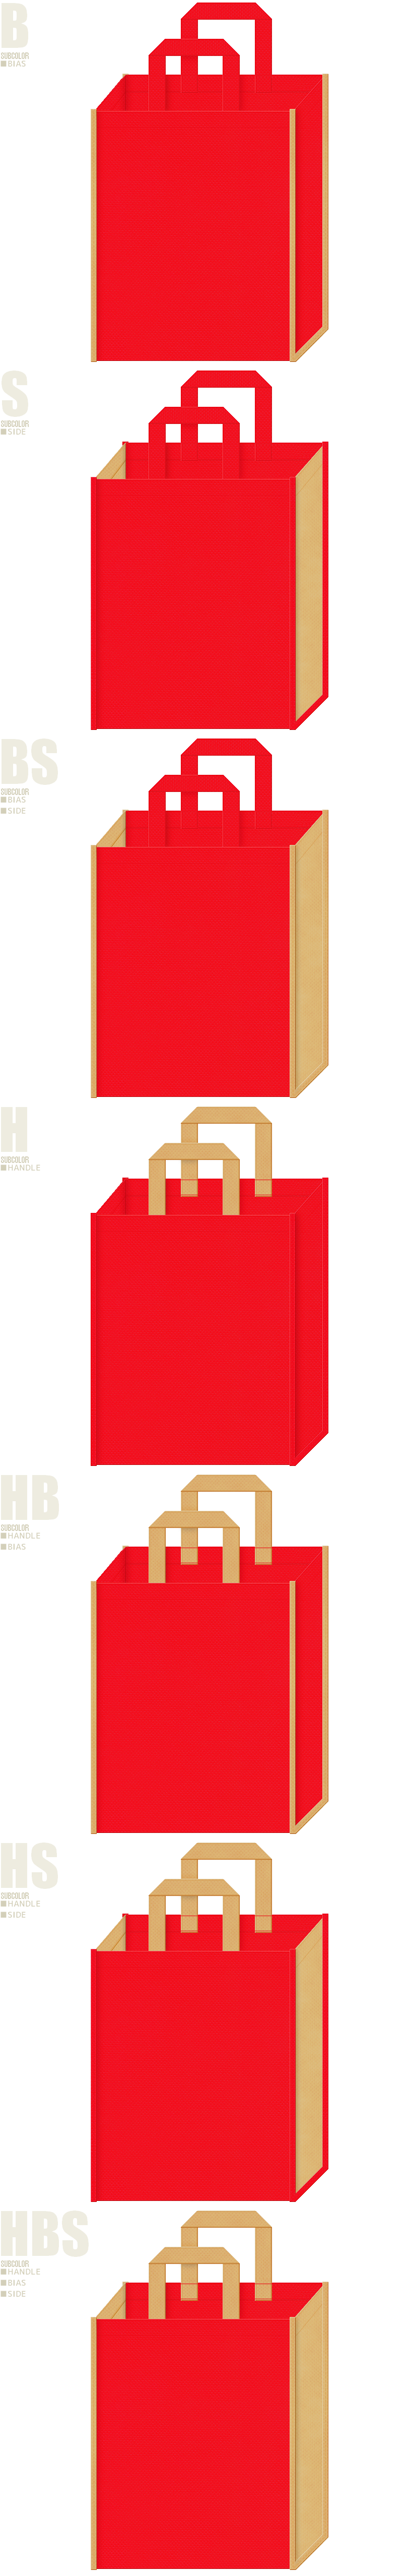 赤鬼・節分・大豆・一合枡・野点傘・茶会・御輿・お祭り・和風催事・福袋にお奨めの不織布バッグデザイン:赤色と薄黄土色の配色7パターン